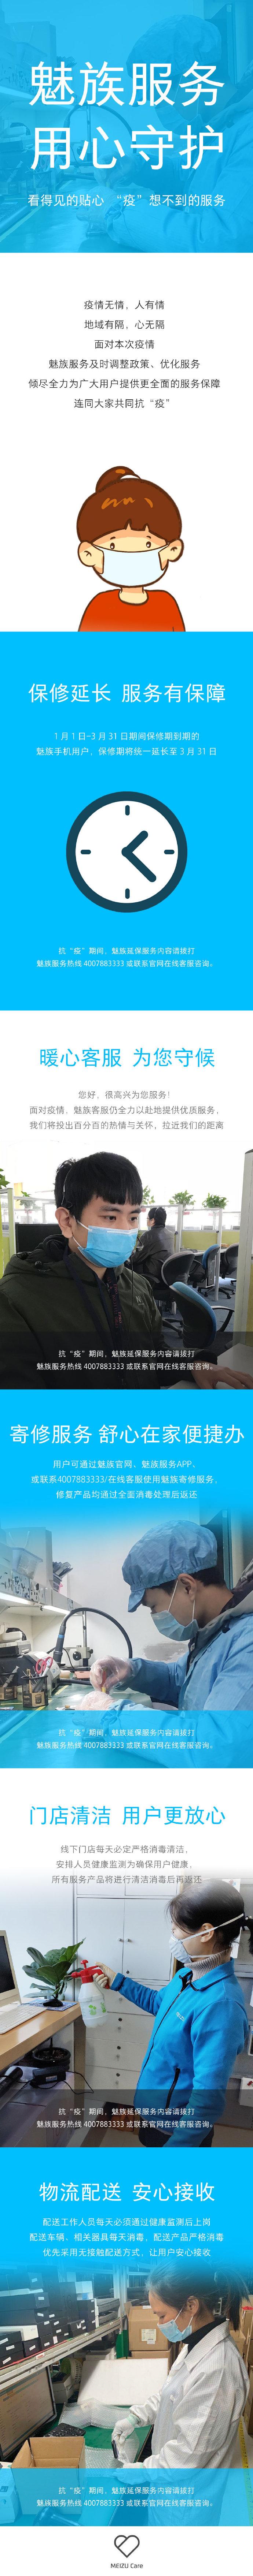 魅族宣布保修期统一延长至 3 月 31 日!